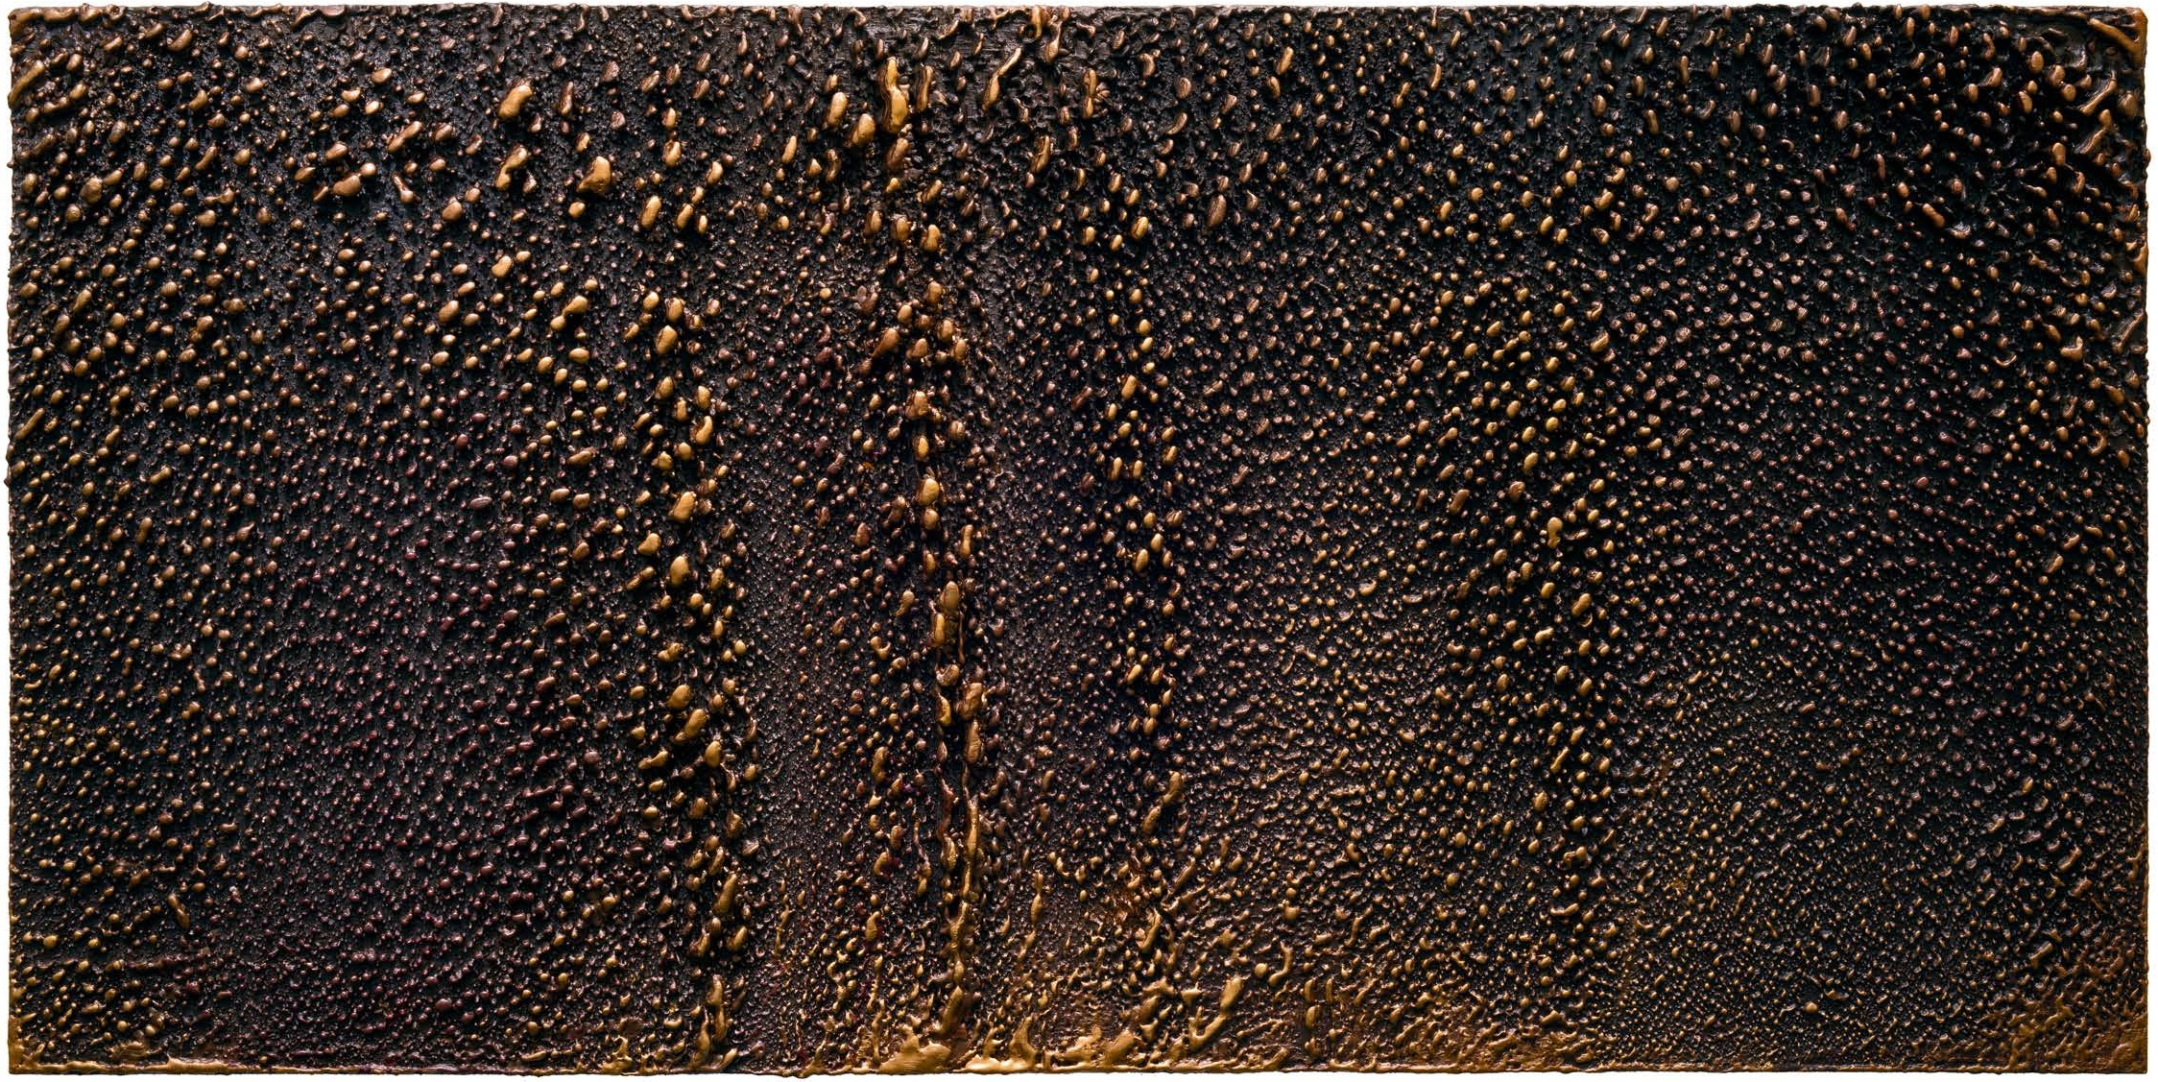 Hidden Worlds in the Art of Gene Kiegel